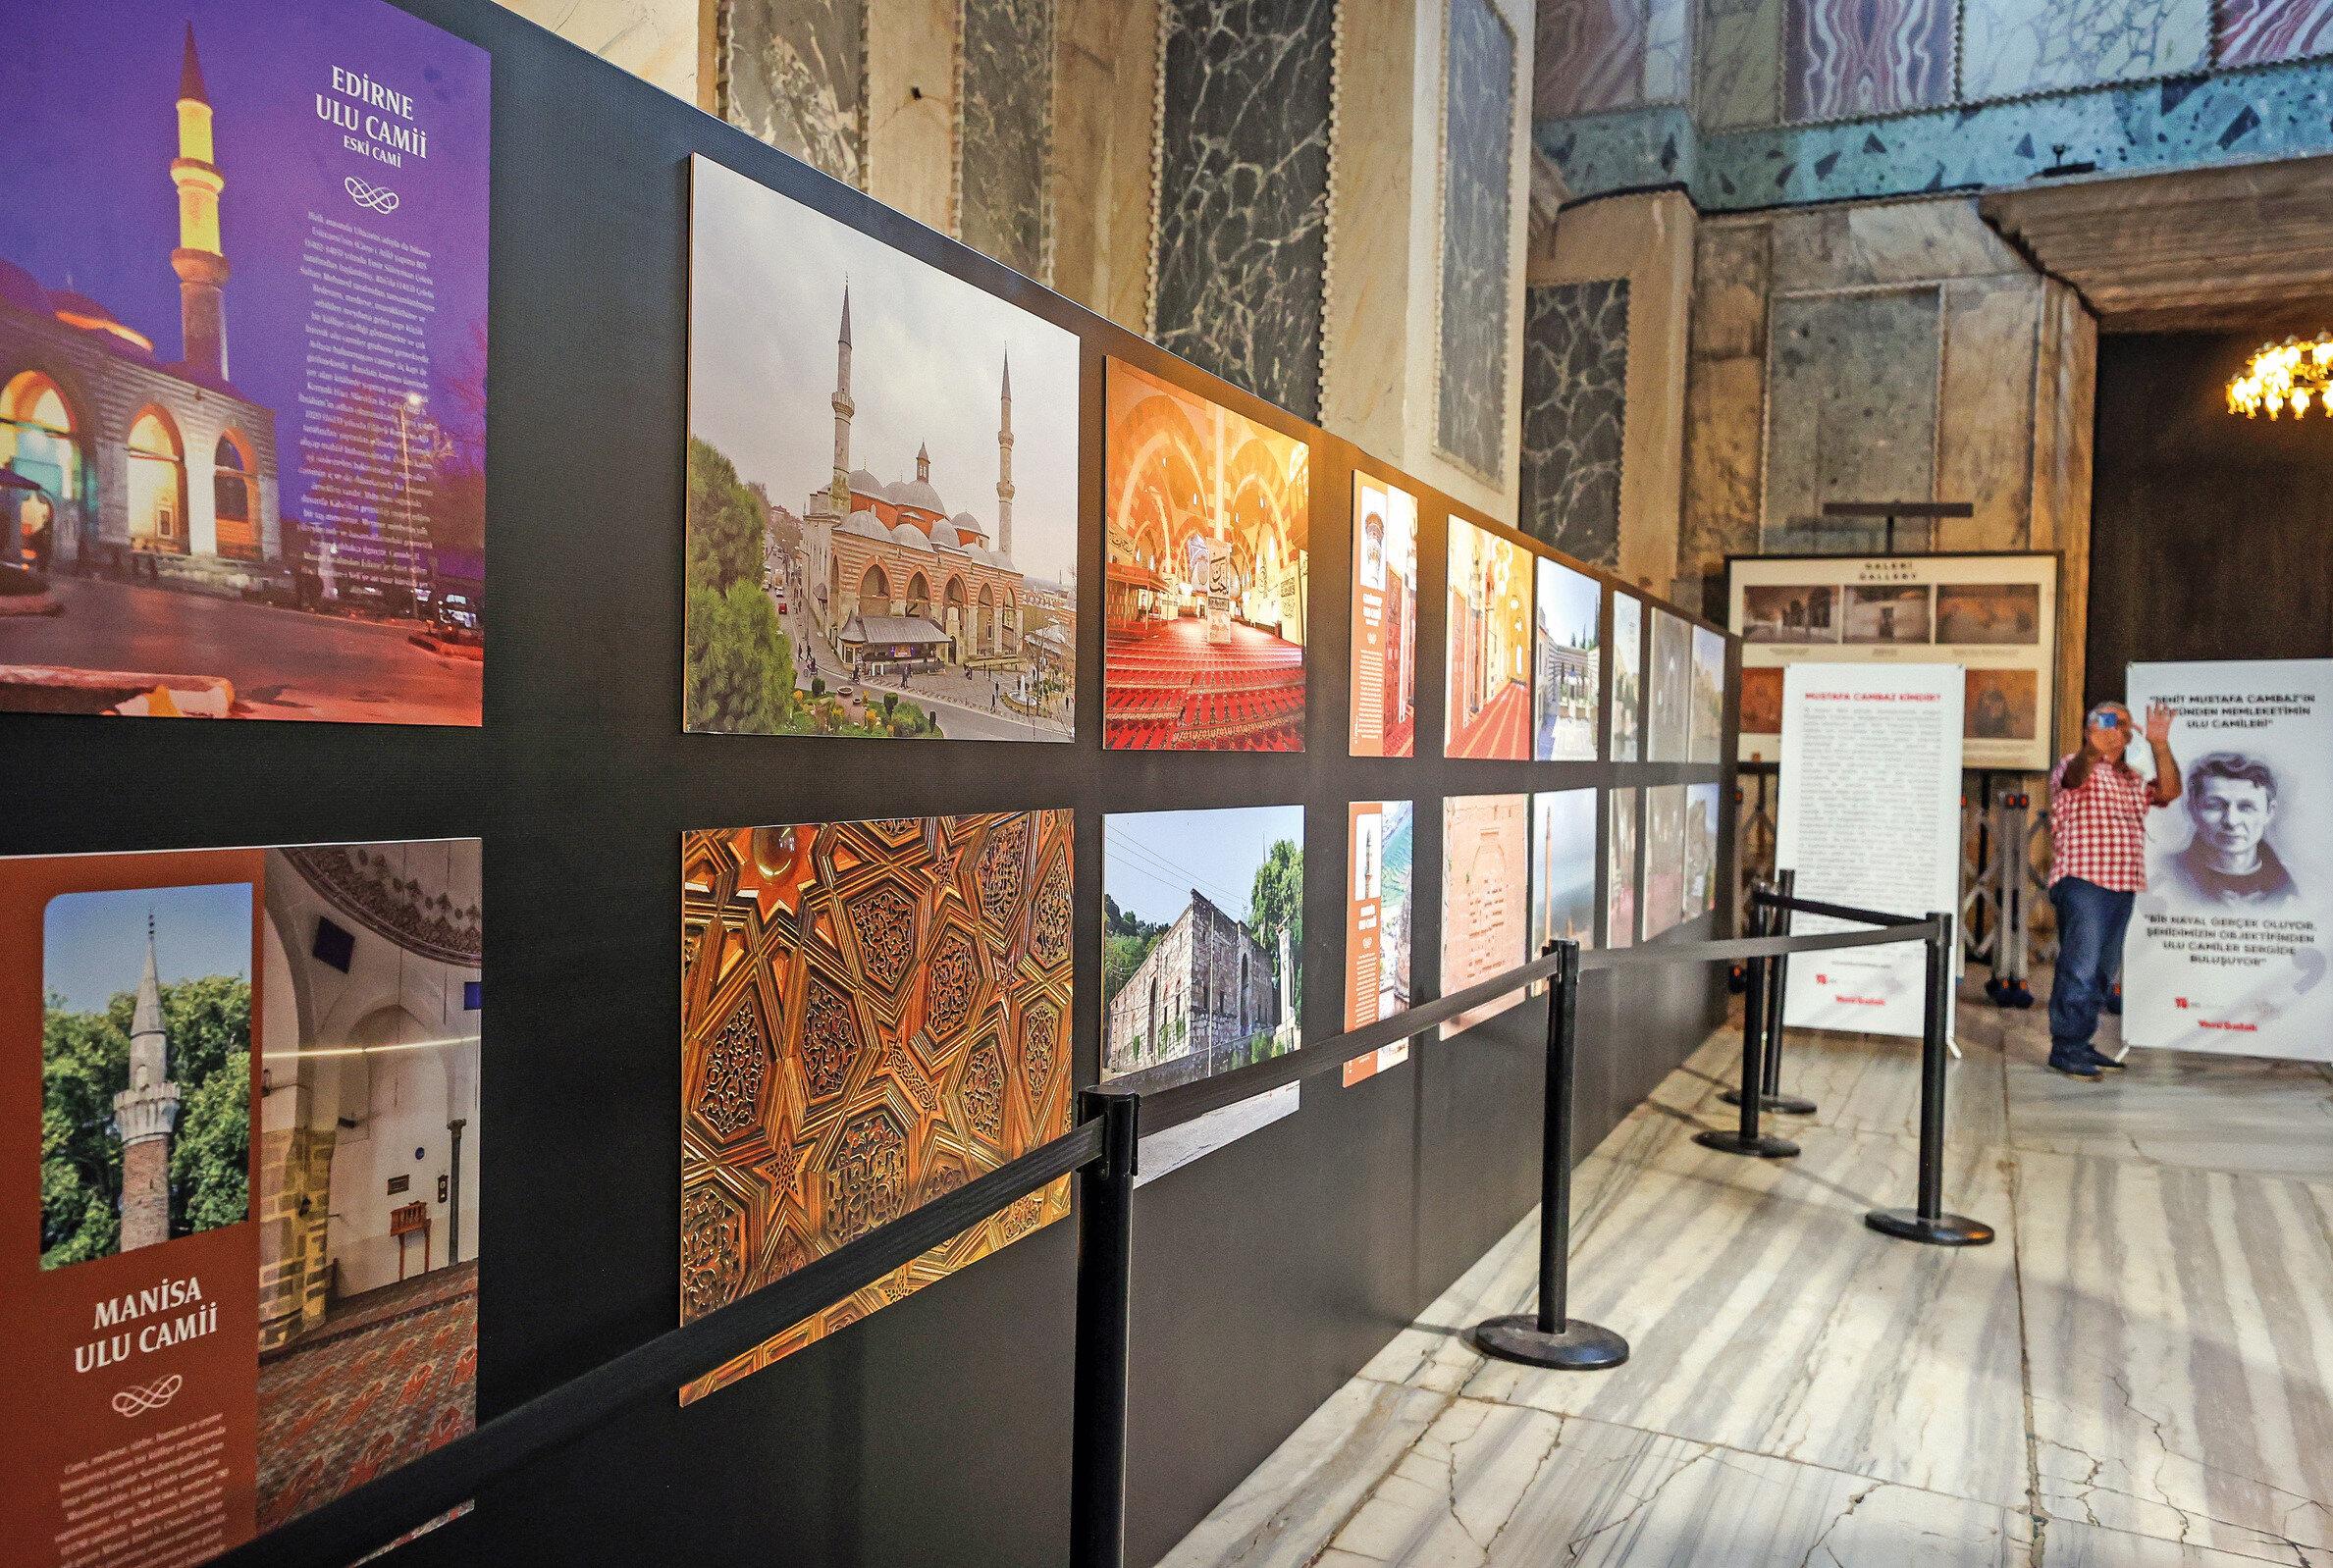 """Sanat tarihi ve mimari eser fotoğrafçılığı alanında tanınan bir isim olan, yaptığı işi """"kayıt fotoğrafçılığı"""" olarak tanımlayan Cambaz, 2000'li yıllardan itibaren değişik mevsimlerde tüm Türkiye'yi adım adım gezerek, 10 binin üzerinde fotoğraf çekti ve ulu camileri kayıt altına aldı."""